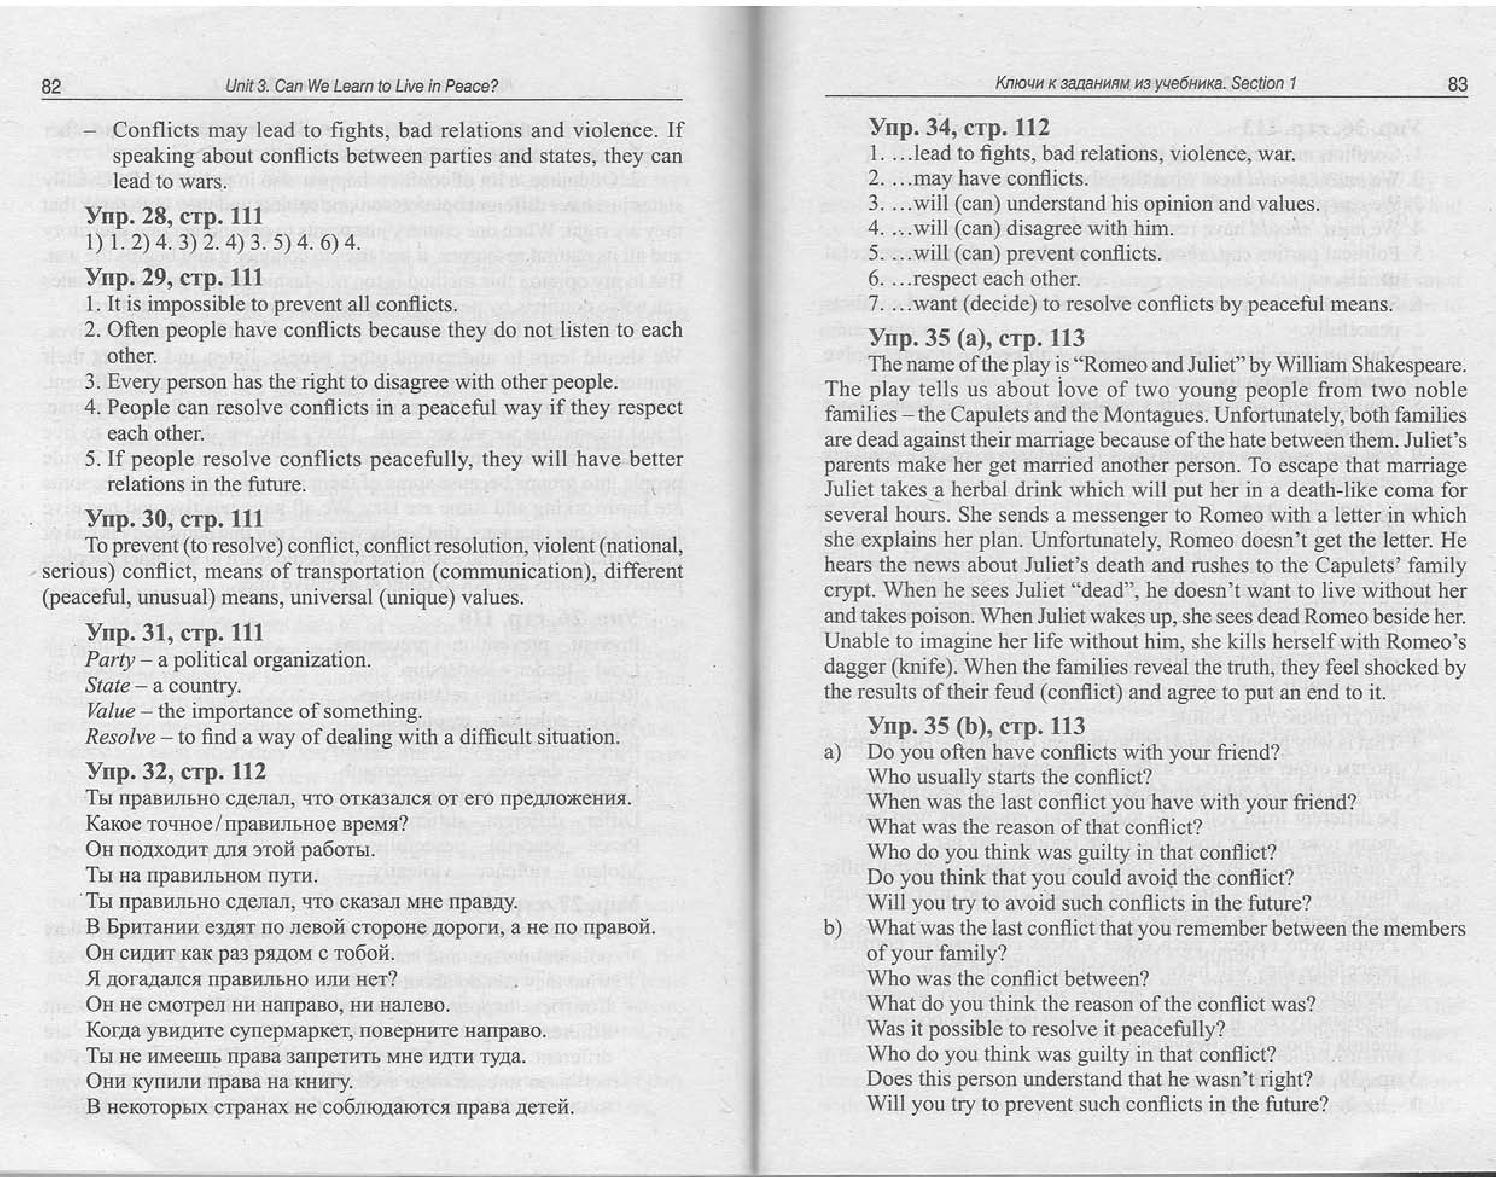 английский язык 10 класс биболетова гдз упр 33 стр 17